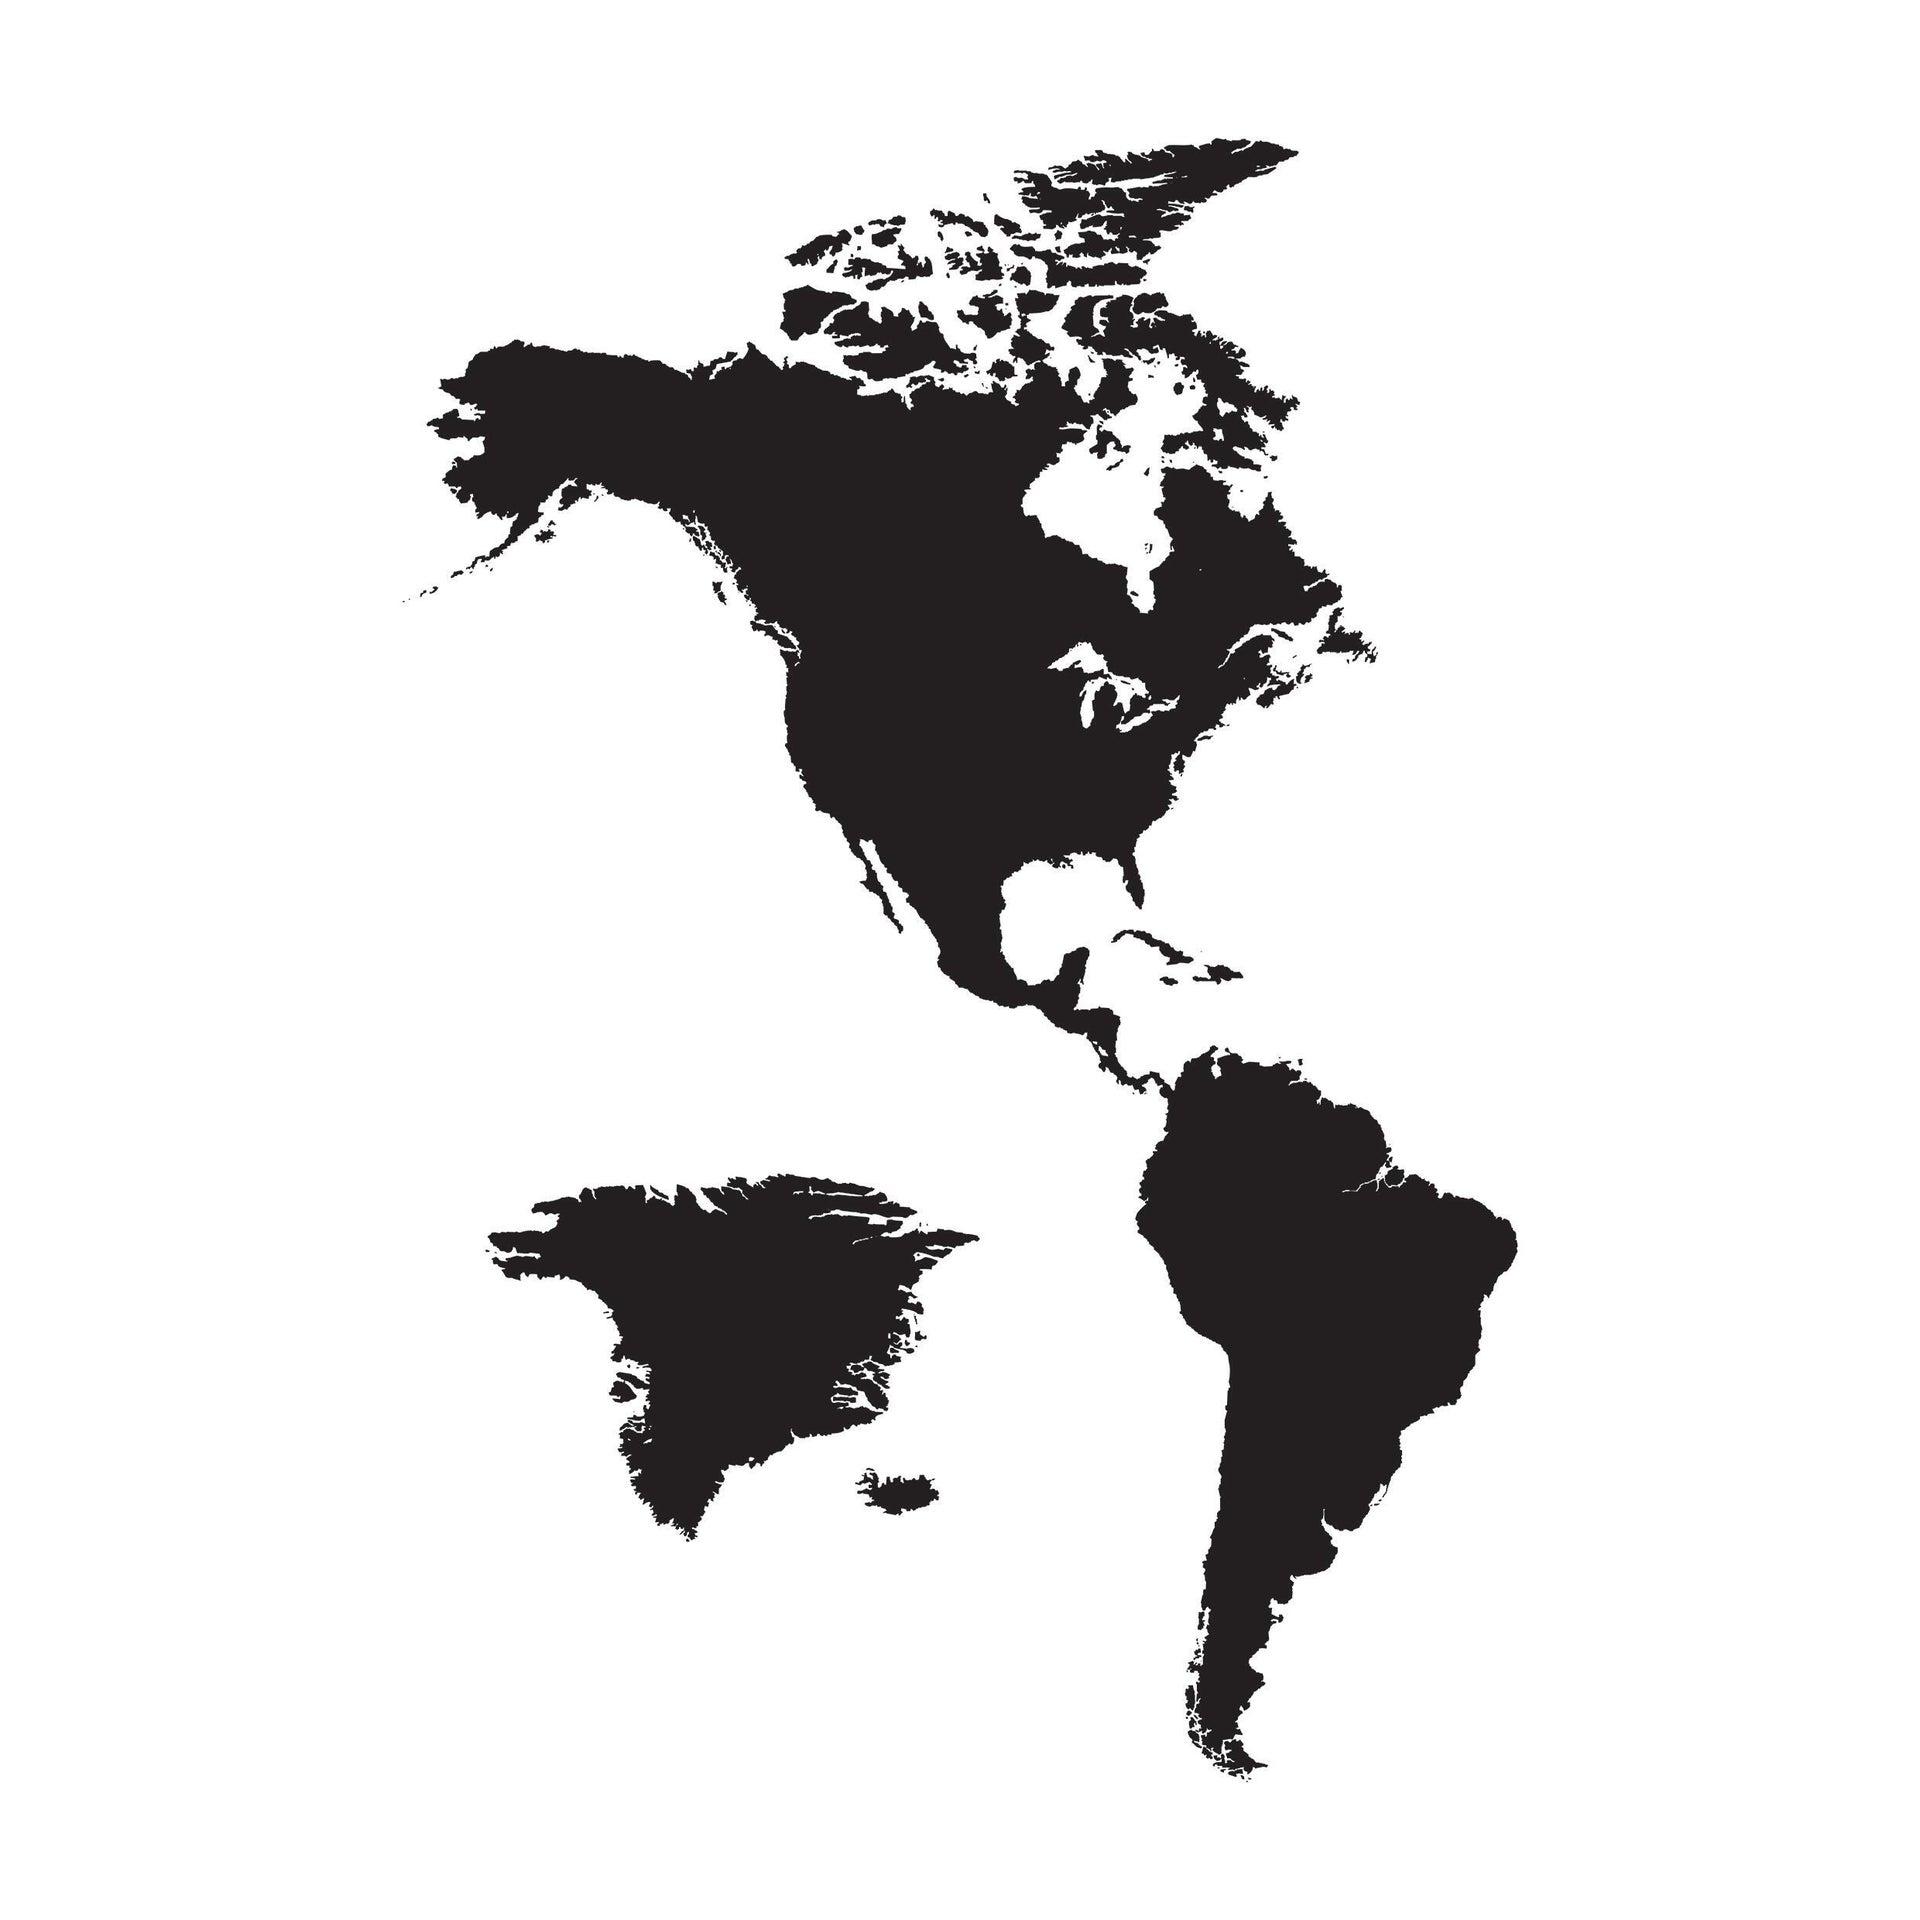 Sticker Mappa 67x94 cm - 5